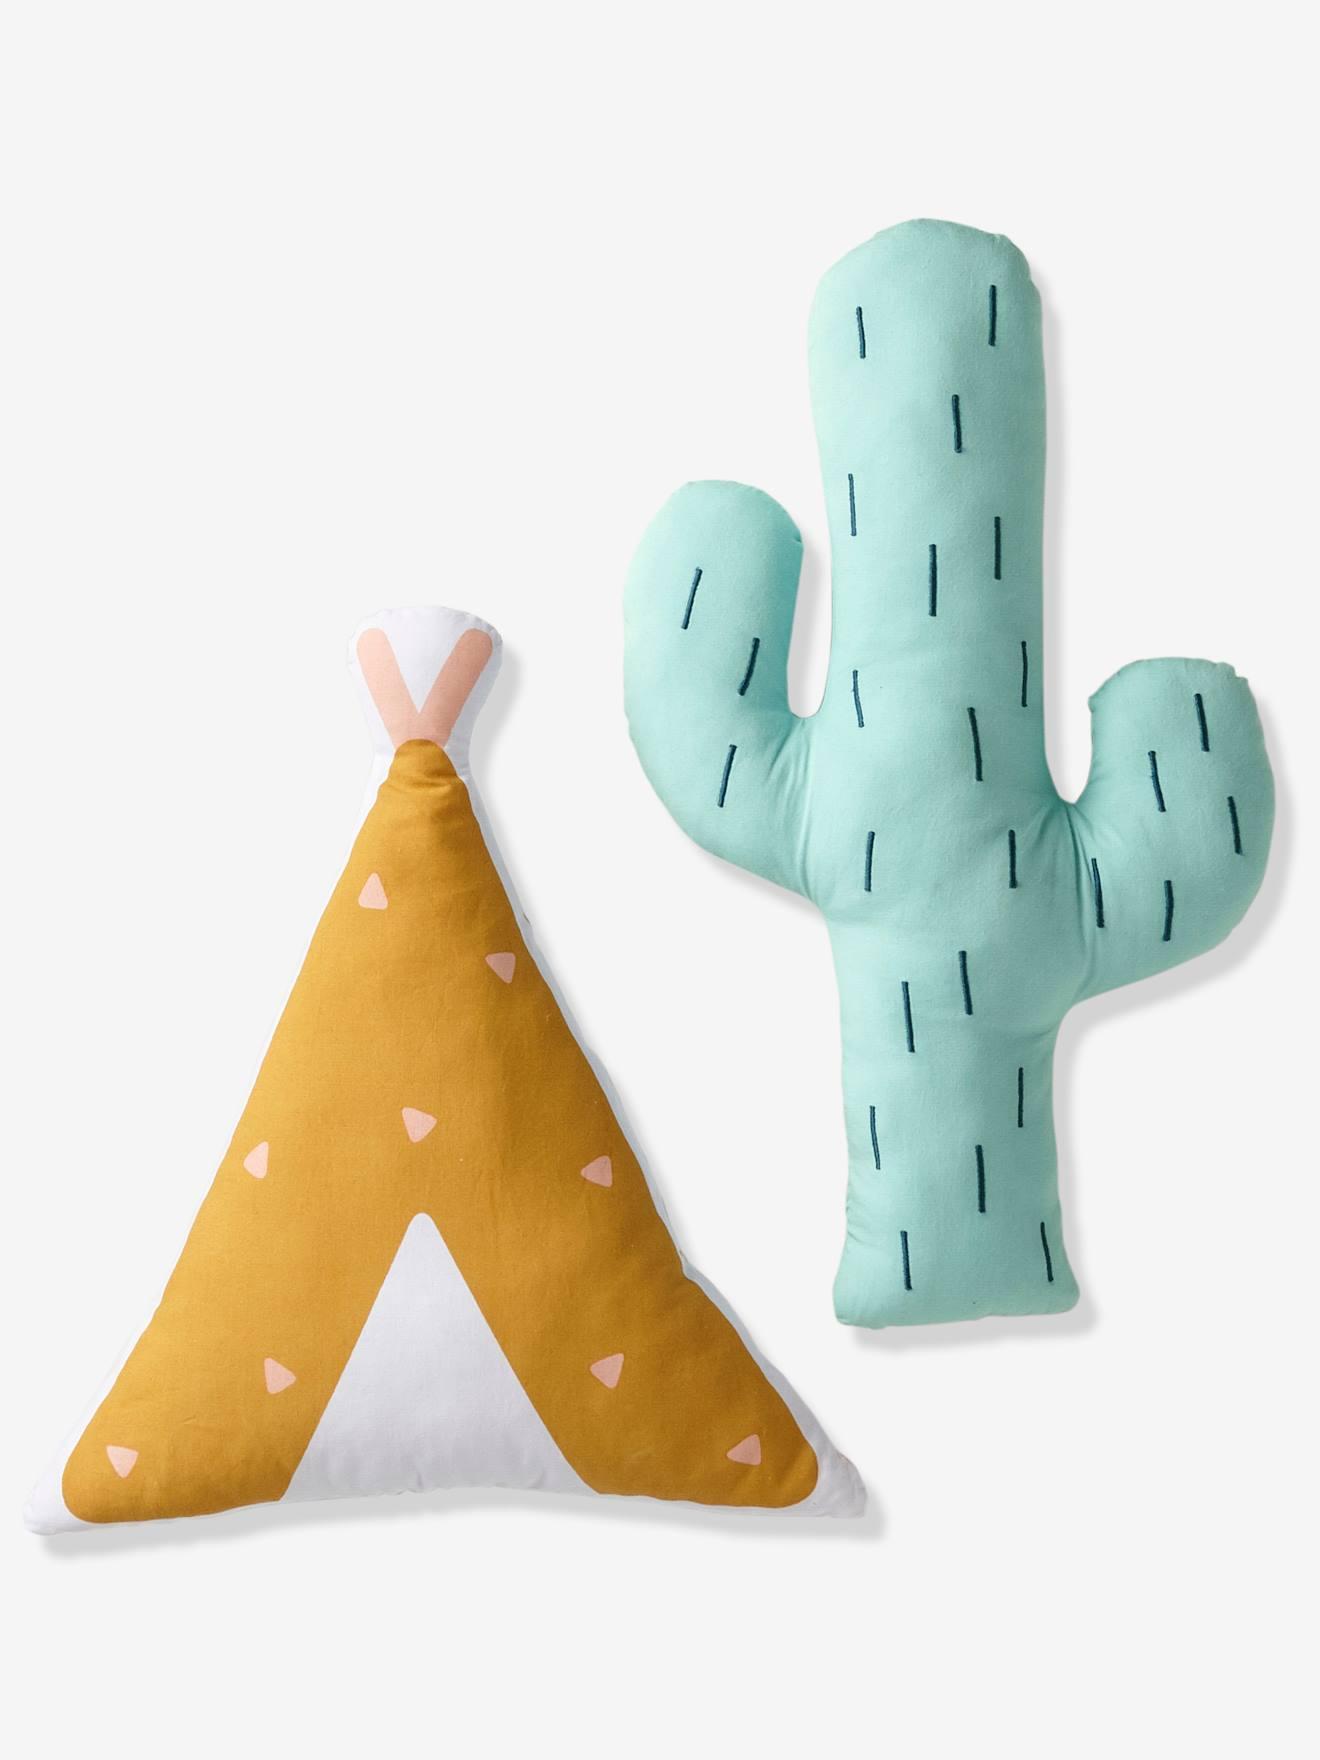 On marque le territoire des enfants avec une deco tout droit sortie des grandes plaines d Amerique ! Ces 2 coussins en forme de tipi et de cactus apporteront une petite touche aventuriere a la deco ! DIMENSIONS Tipi : 35 x 32 cm ; cactus : 26 x 40 cm. Non